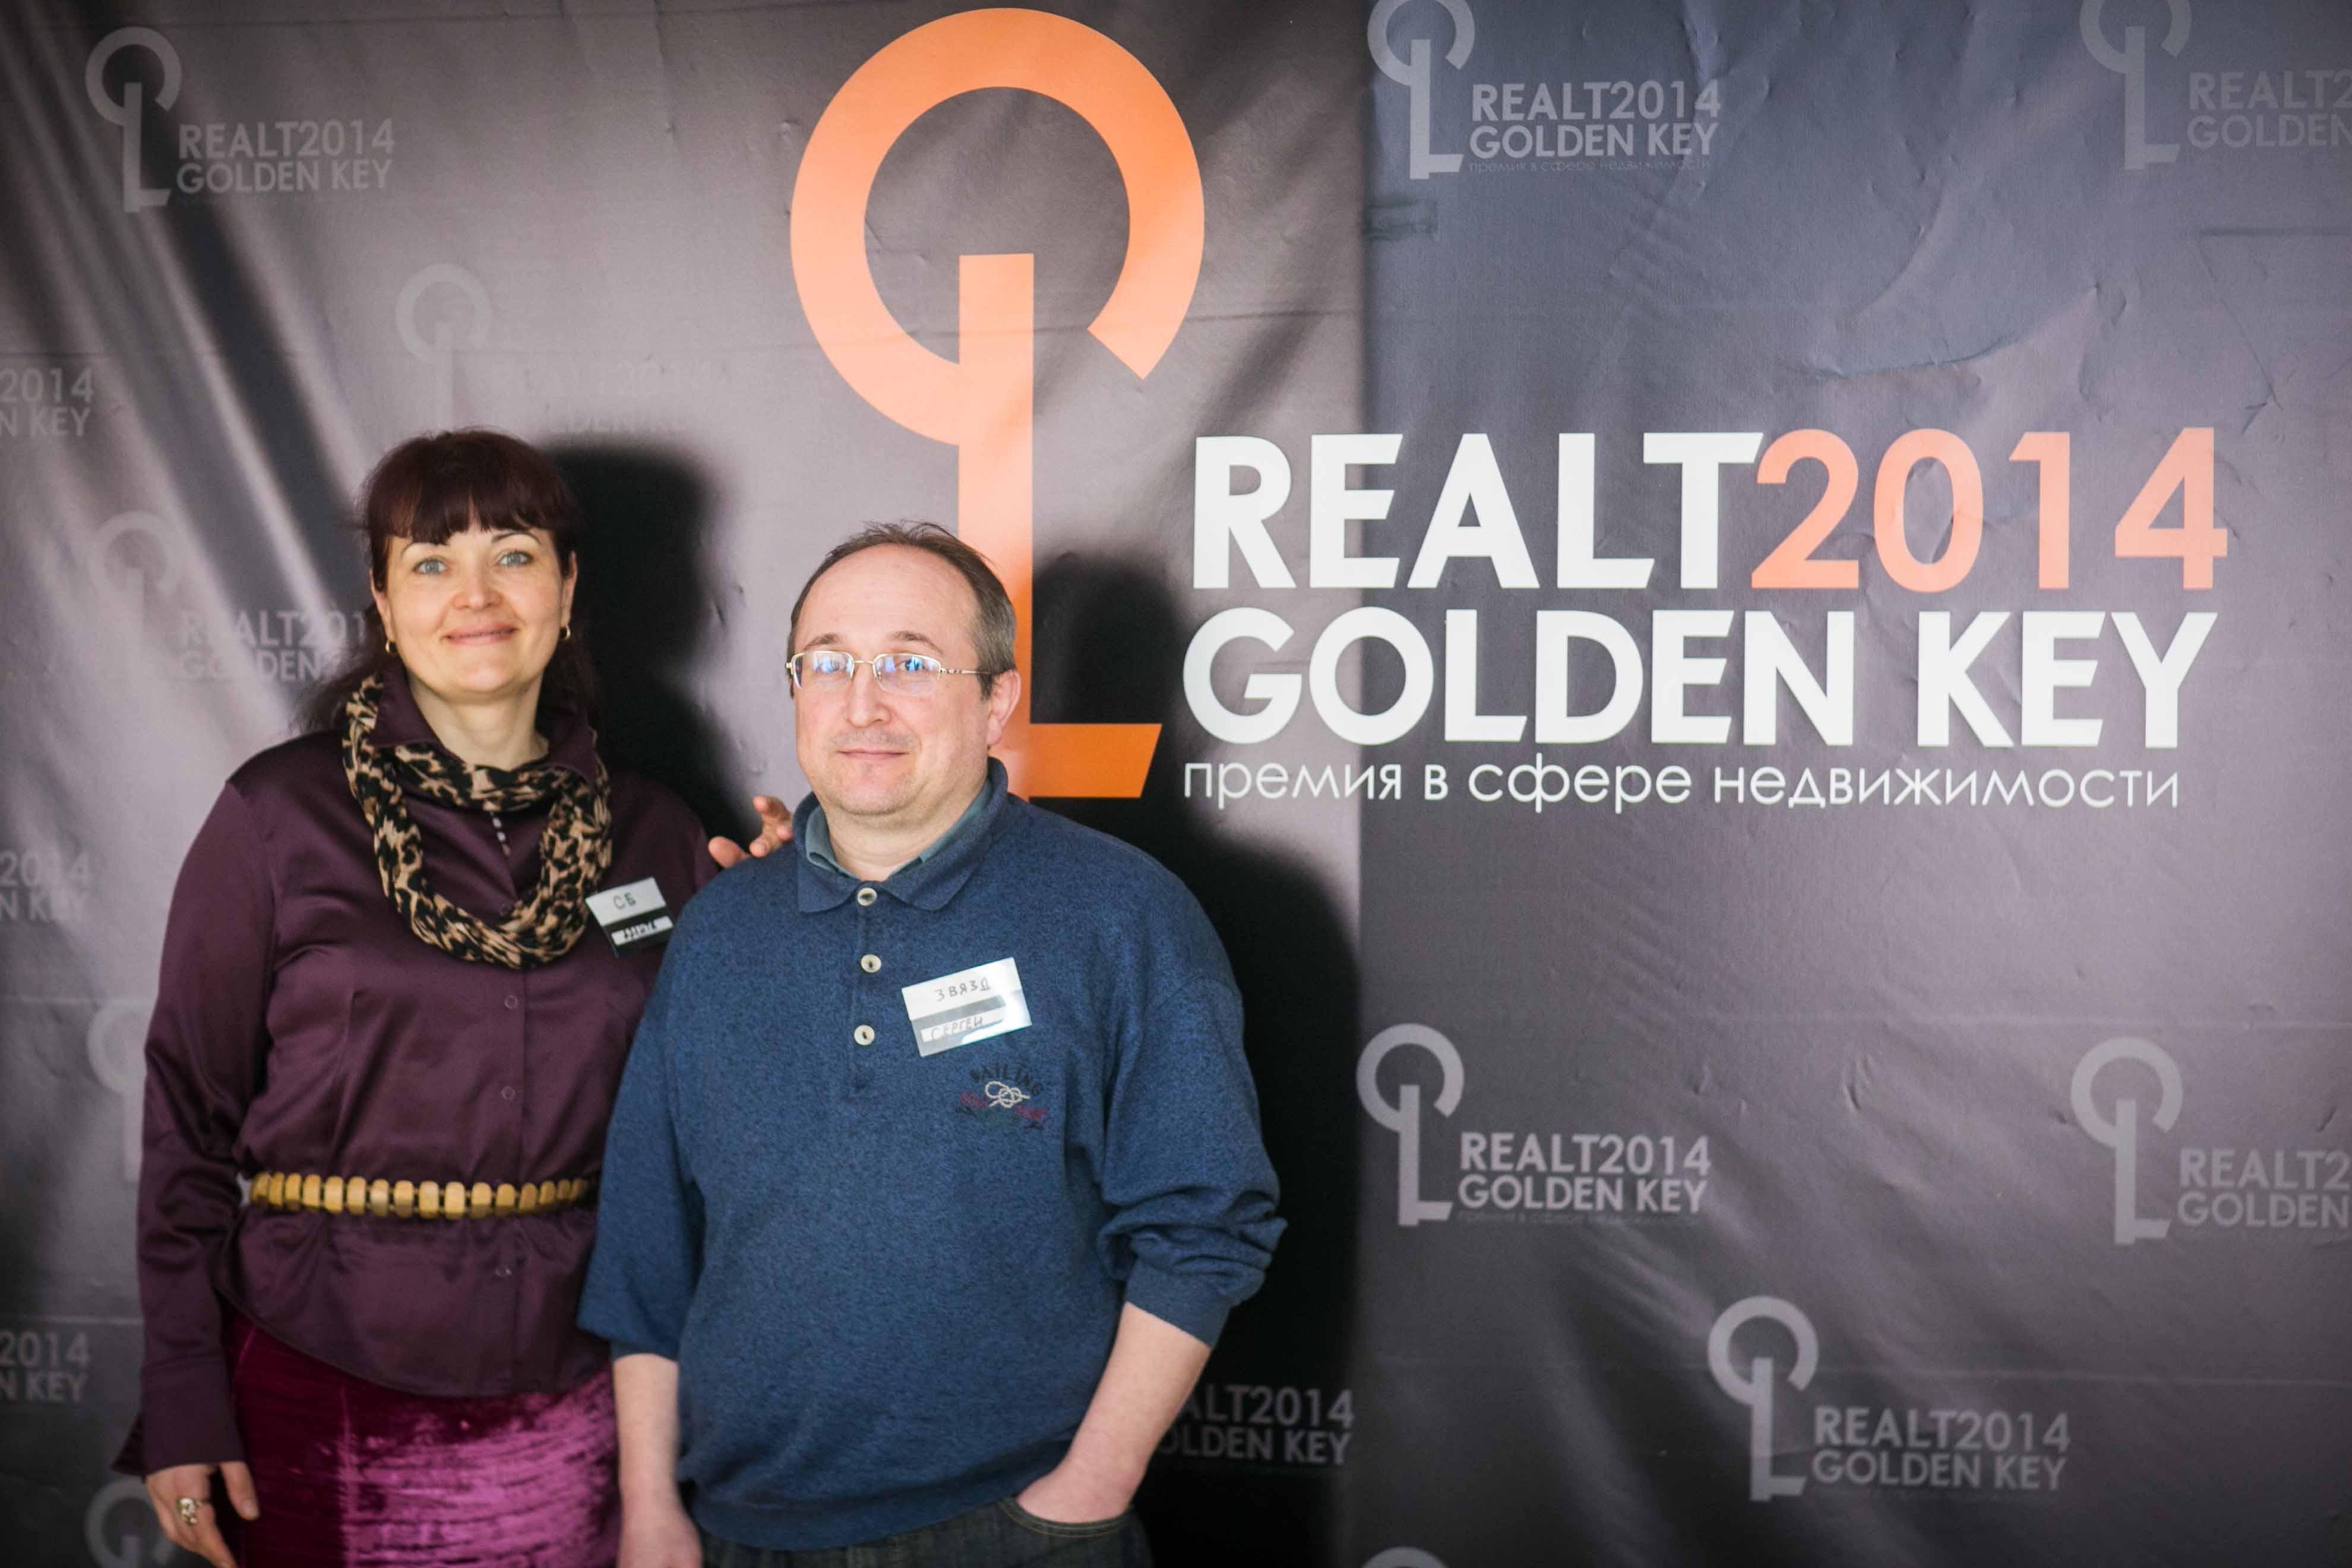 Вместе с Сергеем Куркачом из газеты «Звязда» были судьями на конкурсе риэлторов и строителей «REALT GOLDEN KEY» в 2014 году.